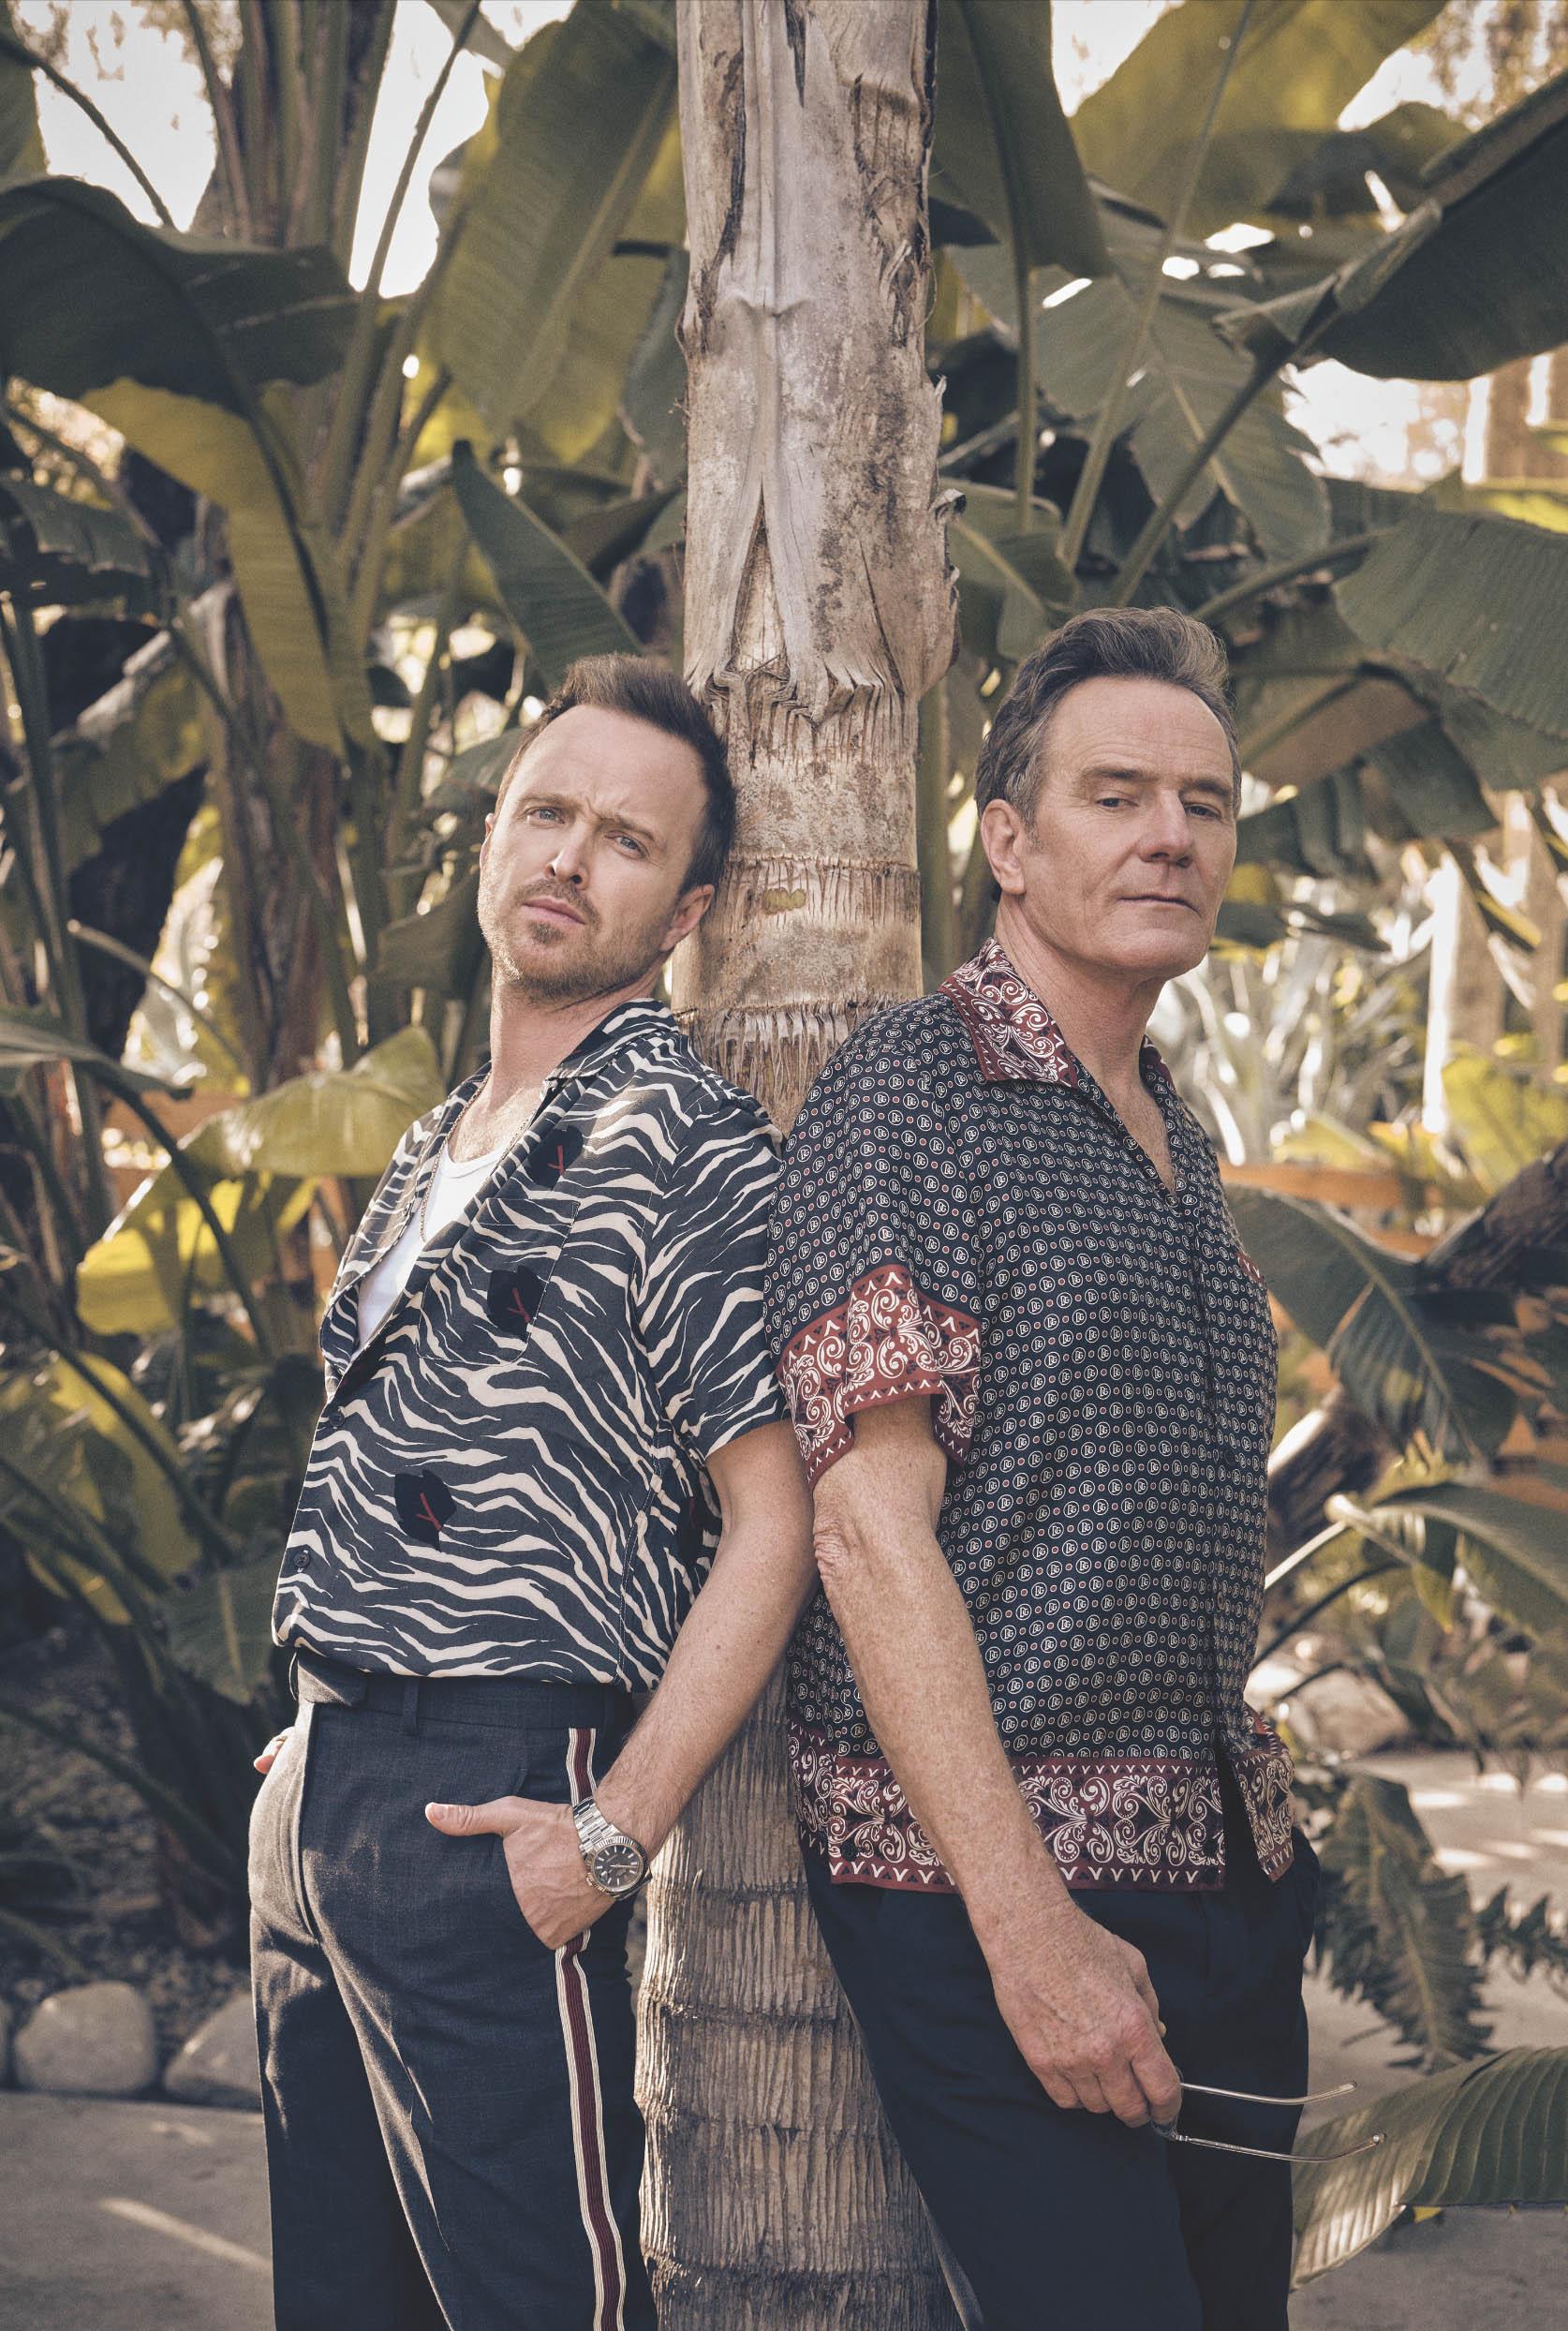 На Аароне:рубашка AllSaints; футболка ибрюки Calvin Klein; цепочка David Yurman; часы Rolex (собственность актера).На Брайане:рубашка Dolce & Gabbana; брюки Mango; солнцезащитные очки Oliver Peoples